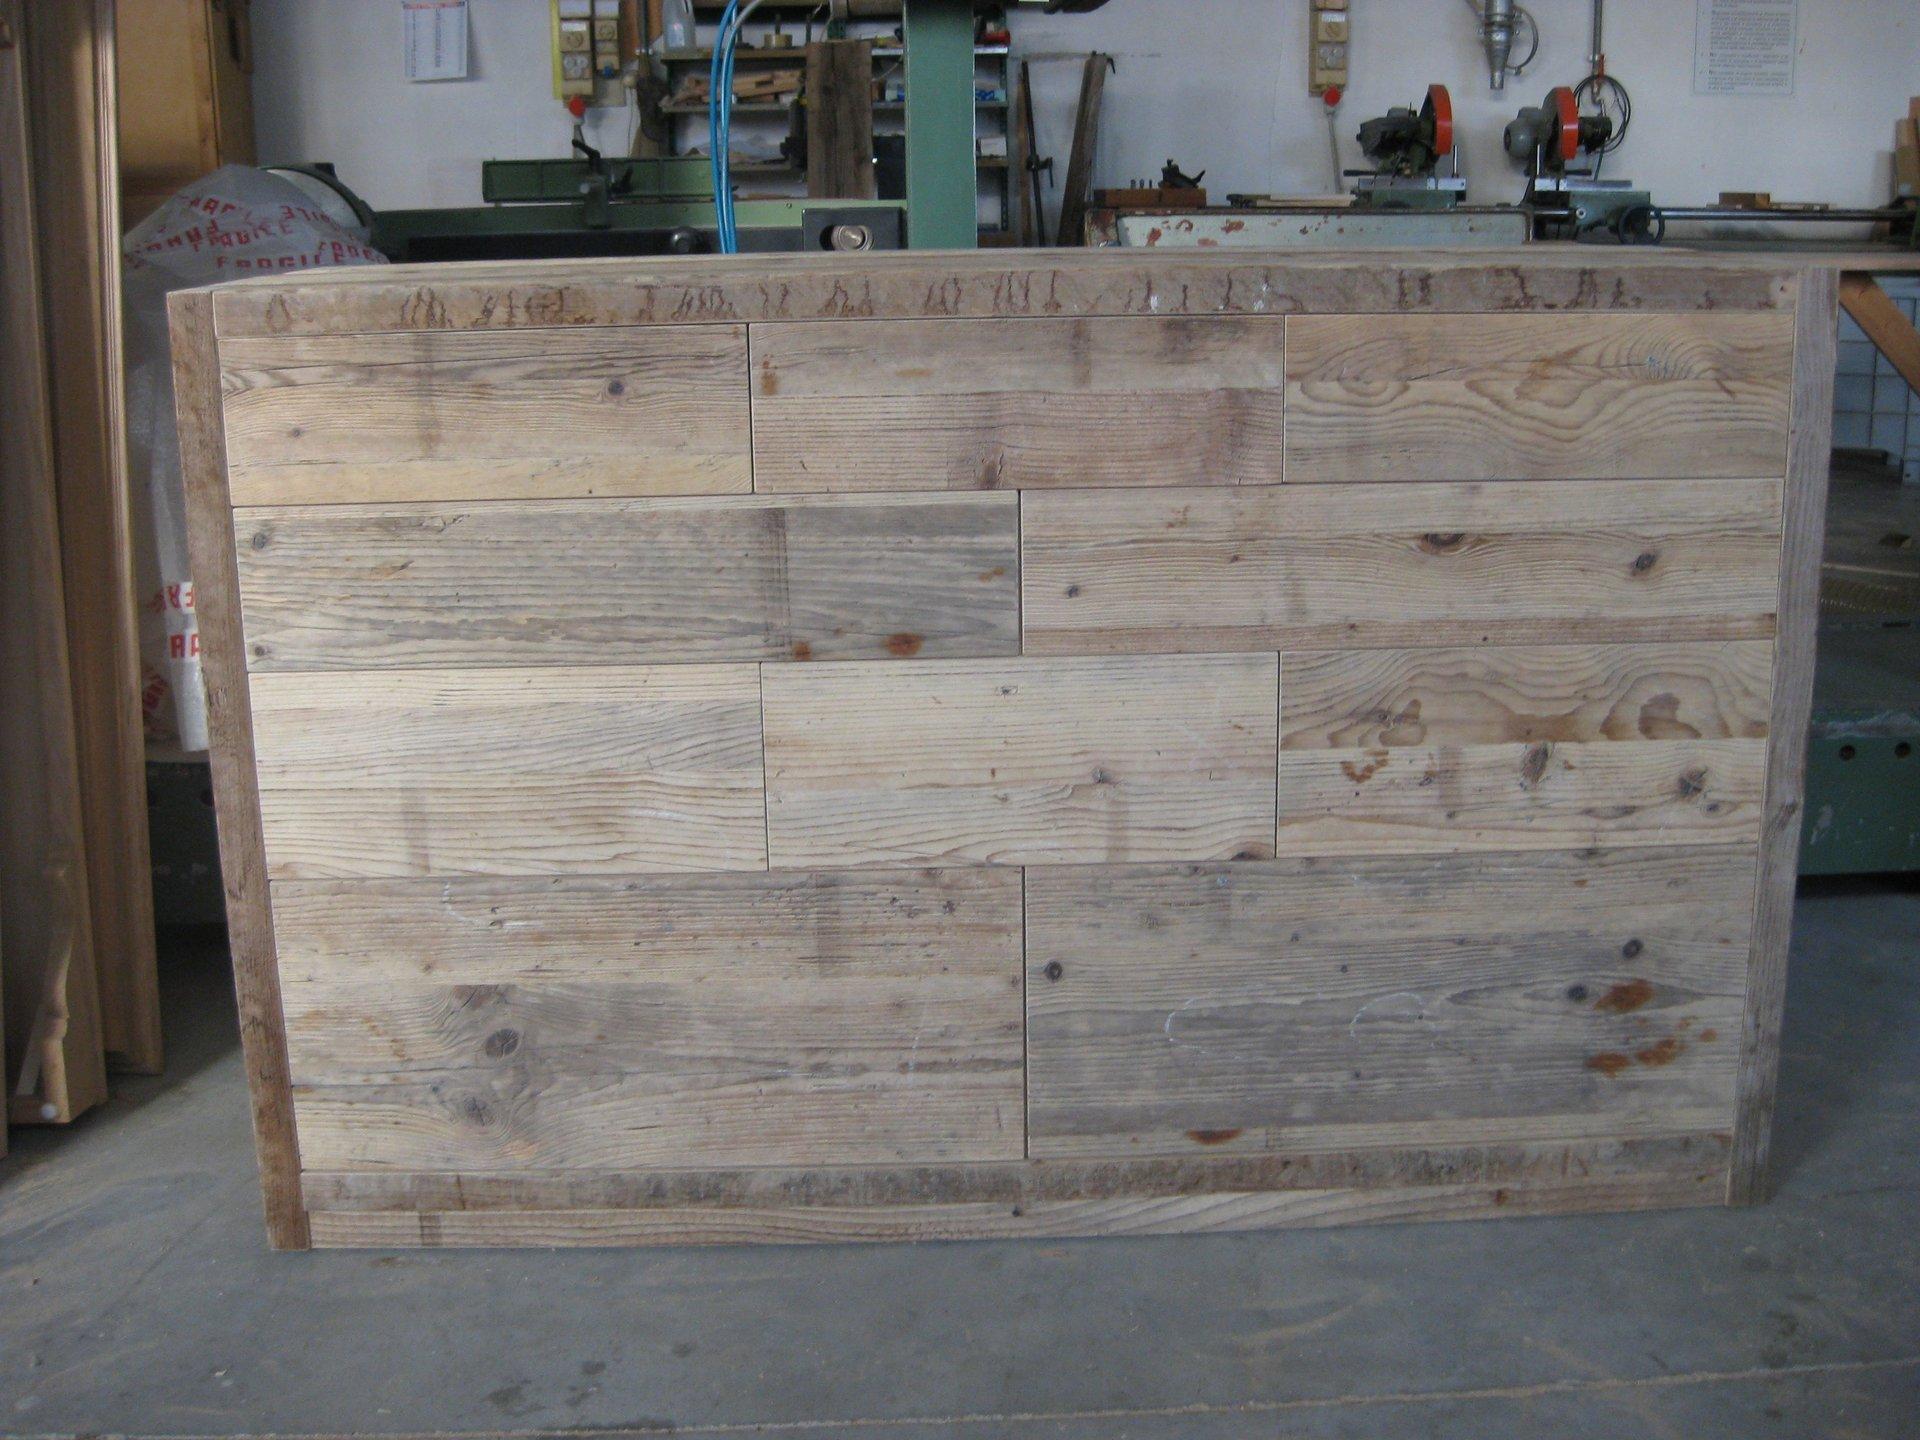 Cucina domestica moderna con un disegno di stile in legno di quercia chiaro e pavimento piastrellato